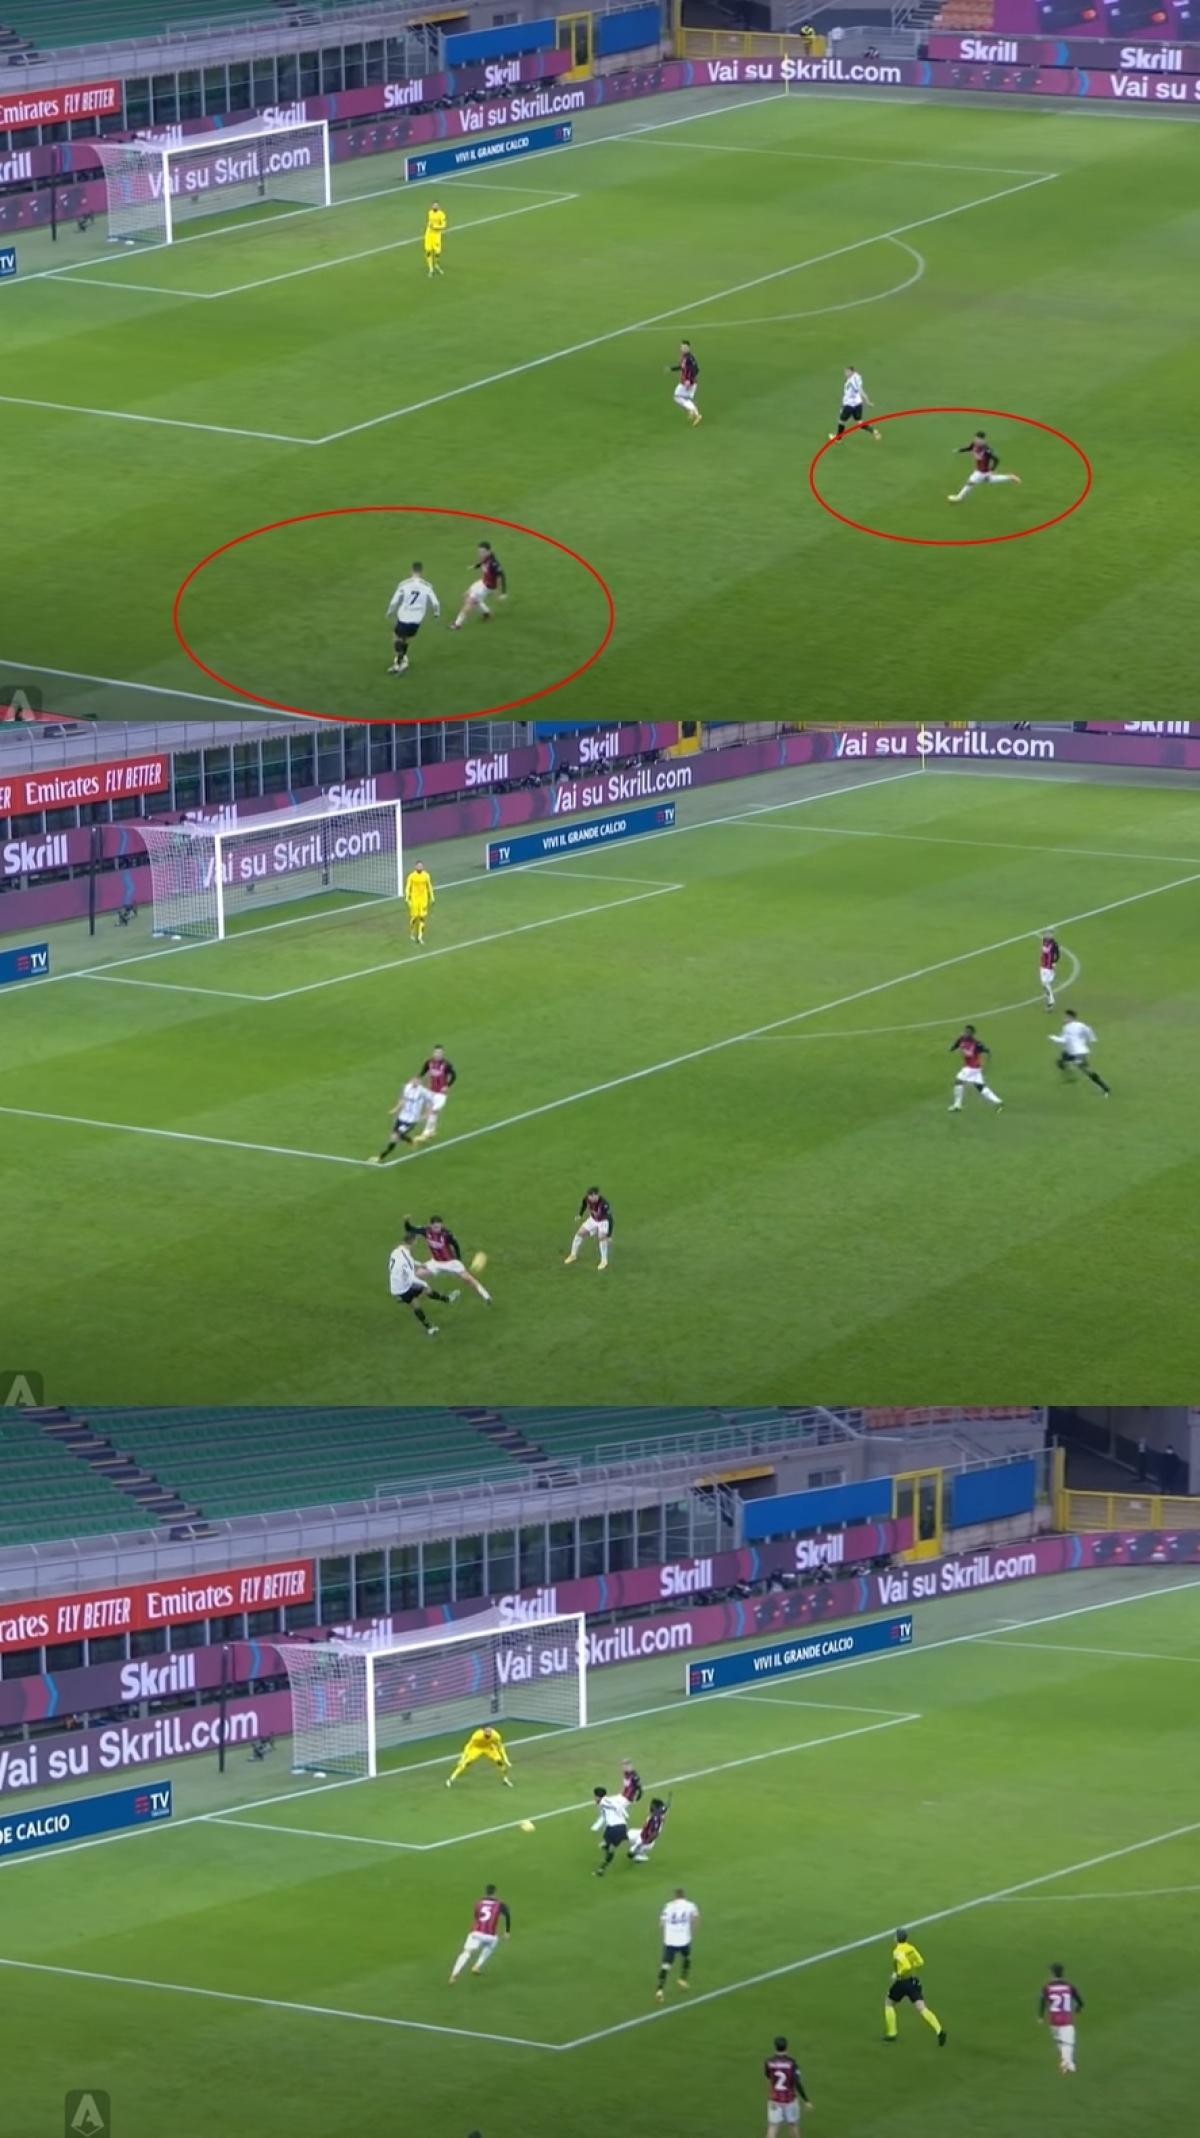 Phút 70, nhận thấy Calabria trong thế 1 đối 1 với Ronaldo bên cánh trái, Diaz lao ra tiếp ứng và để lộ khoảng trống cho McKennie khai thác. Tiếc rằng Ronaldo không có kiến tạo khi cú sút của McKennie bị thủ môn Donnaruma cản phá.